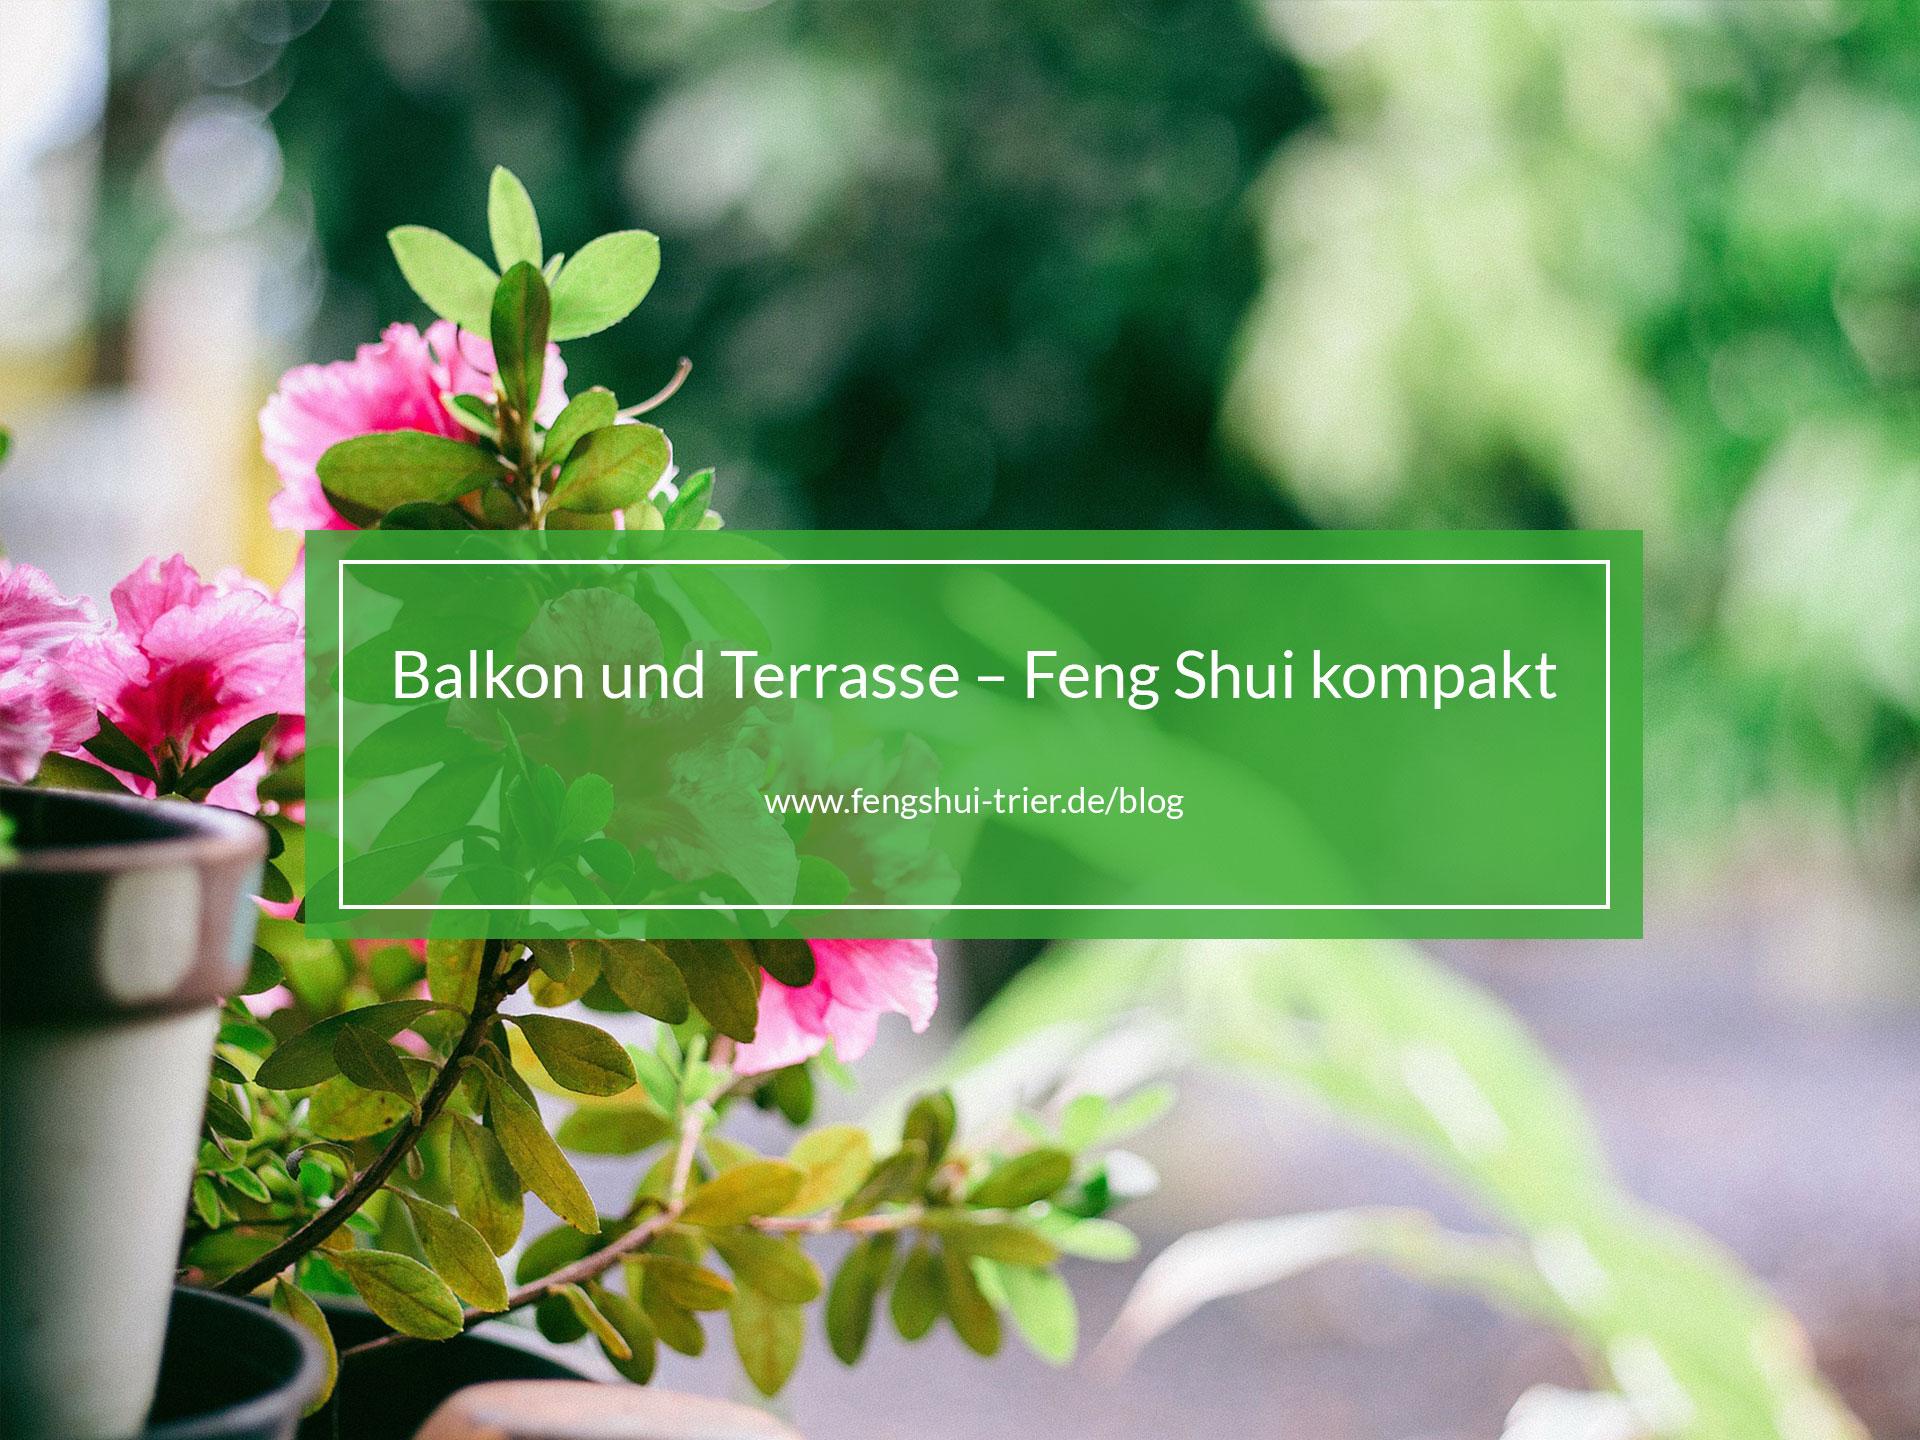 Balkon_und_Terrasse